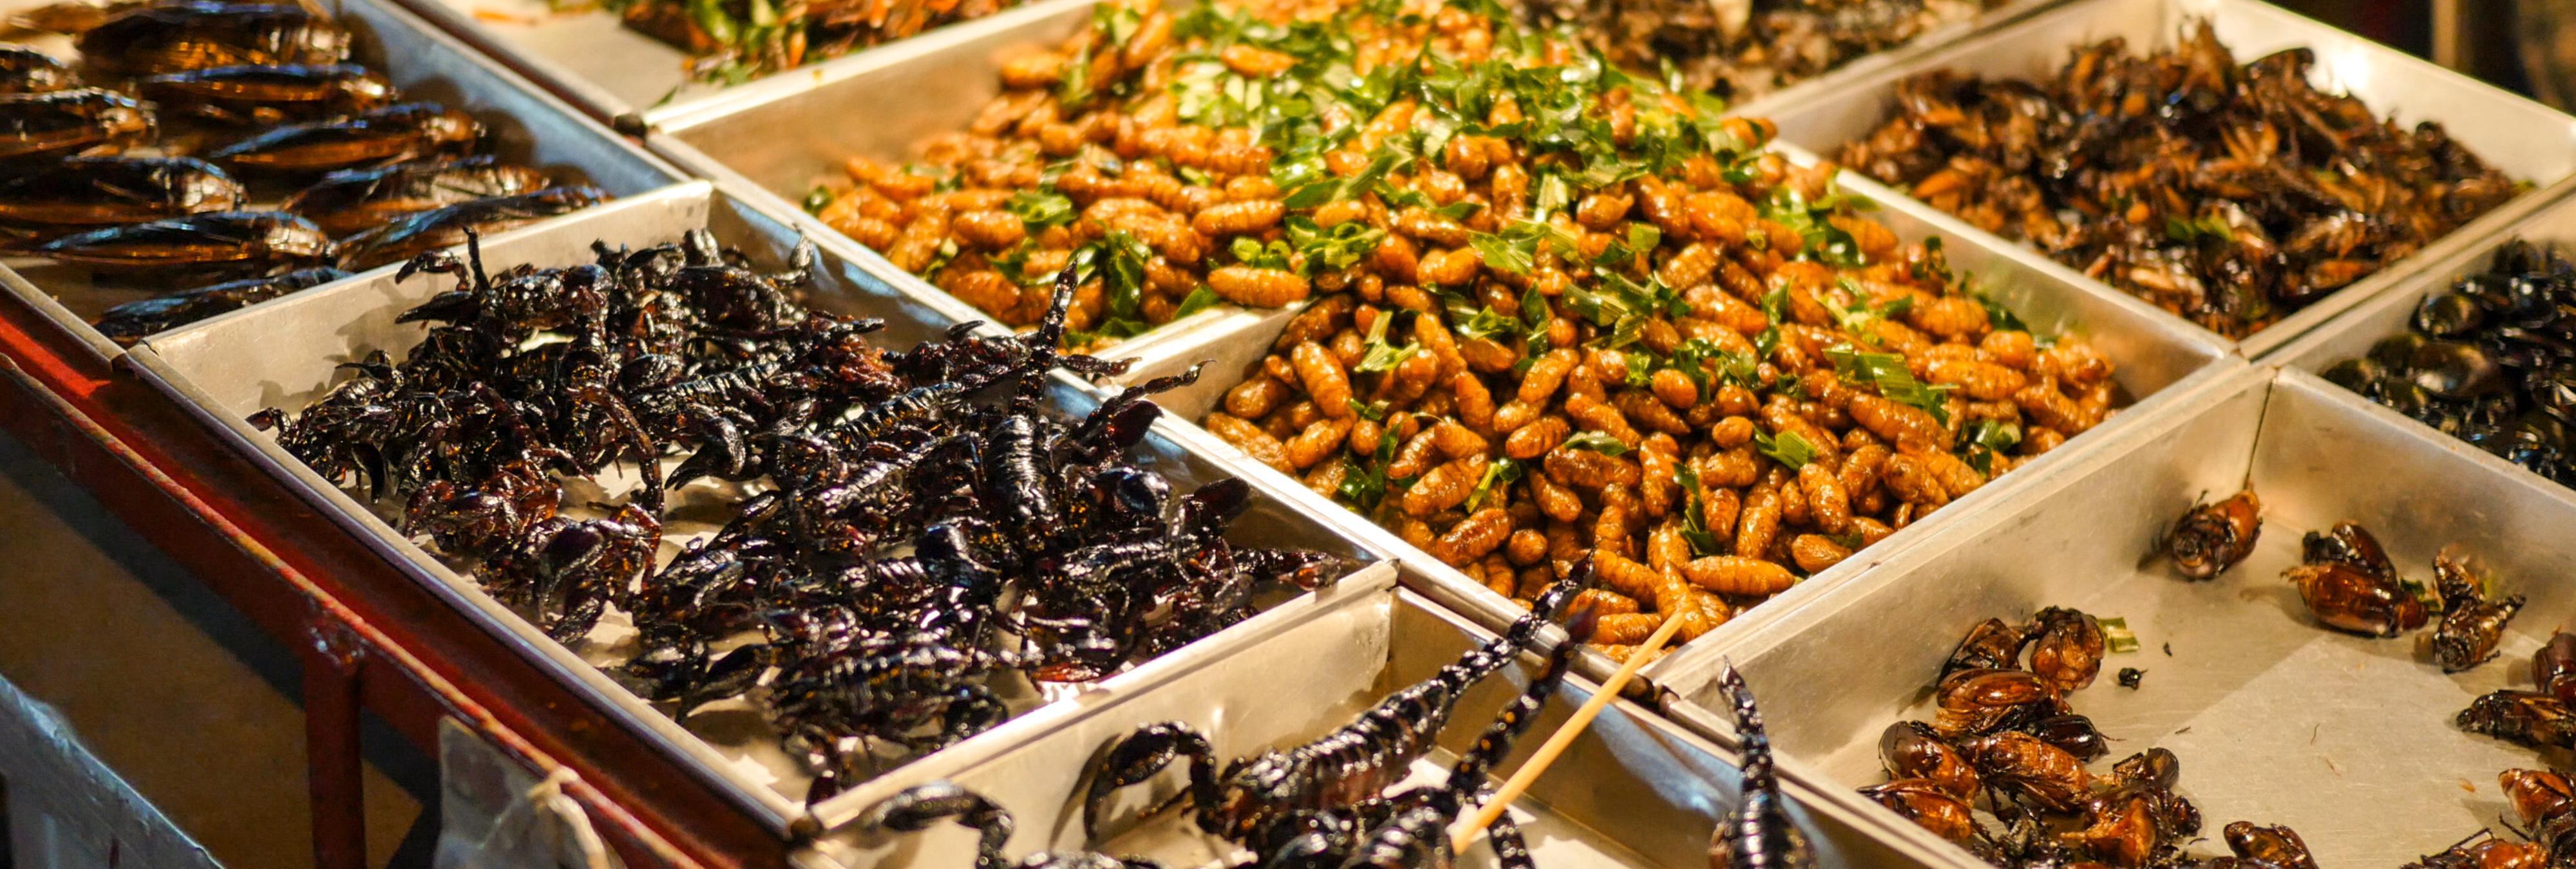 Una empresa obliga a sus empleados a comer gusanos vivos como castigo